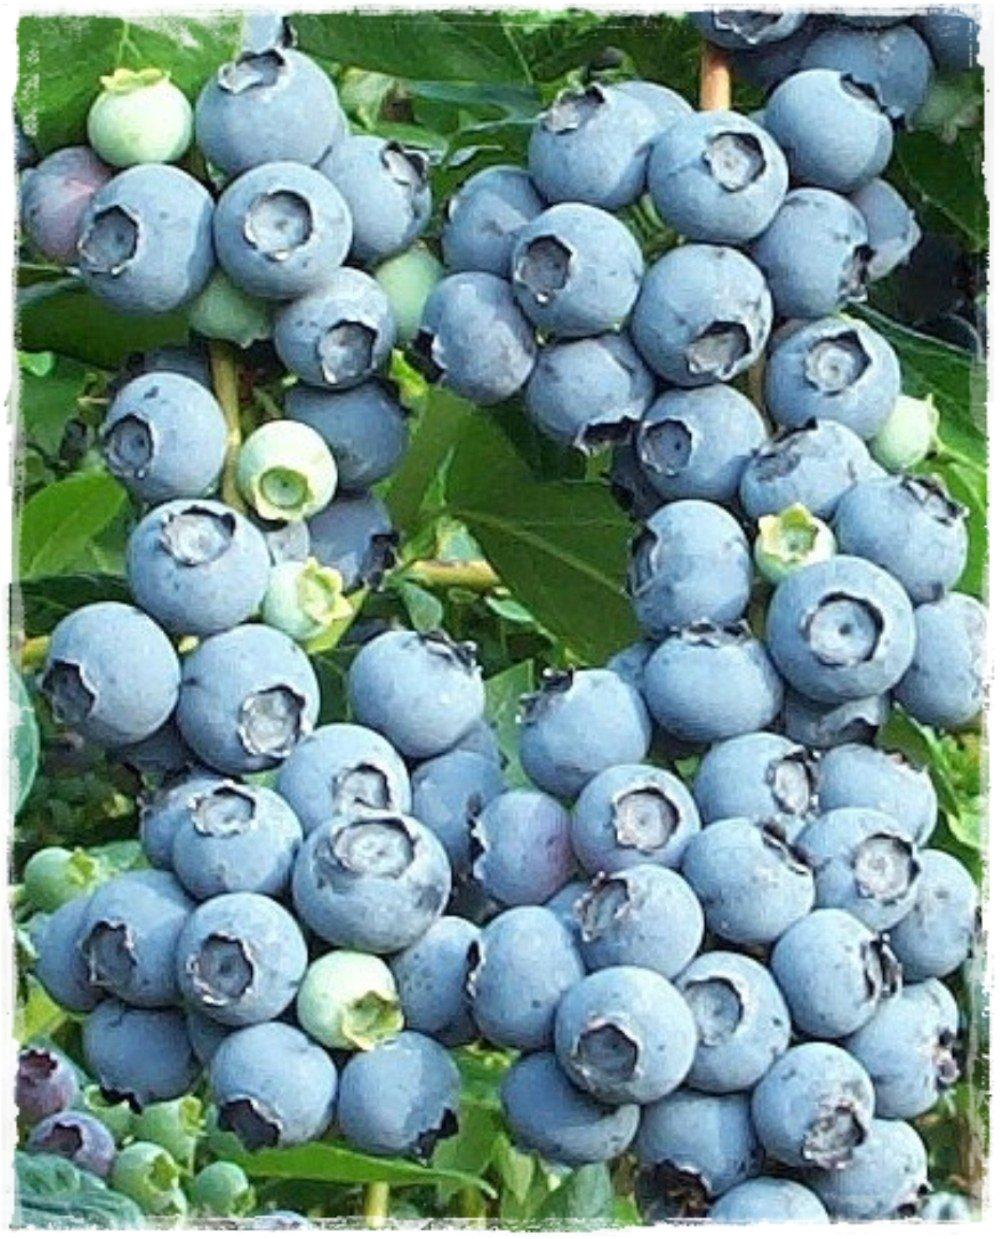 Mirtillo conilopide 39 star 4 39 vaccinium ashei vendita for Vendita piante mirtillo on line